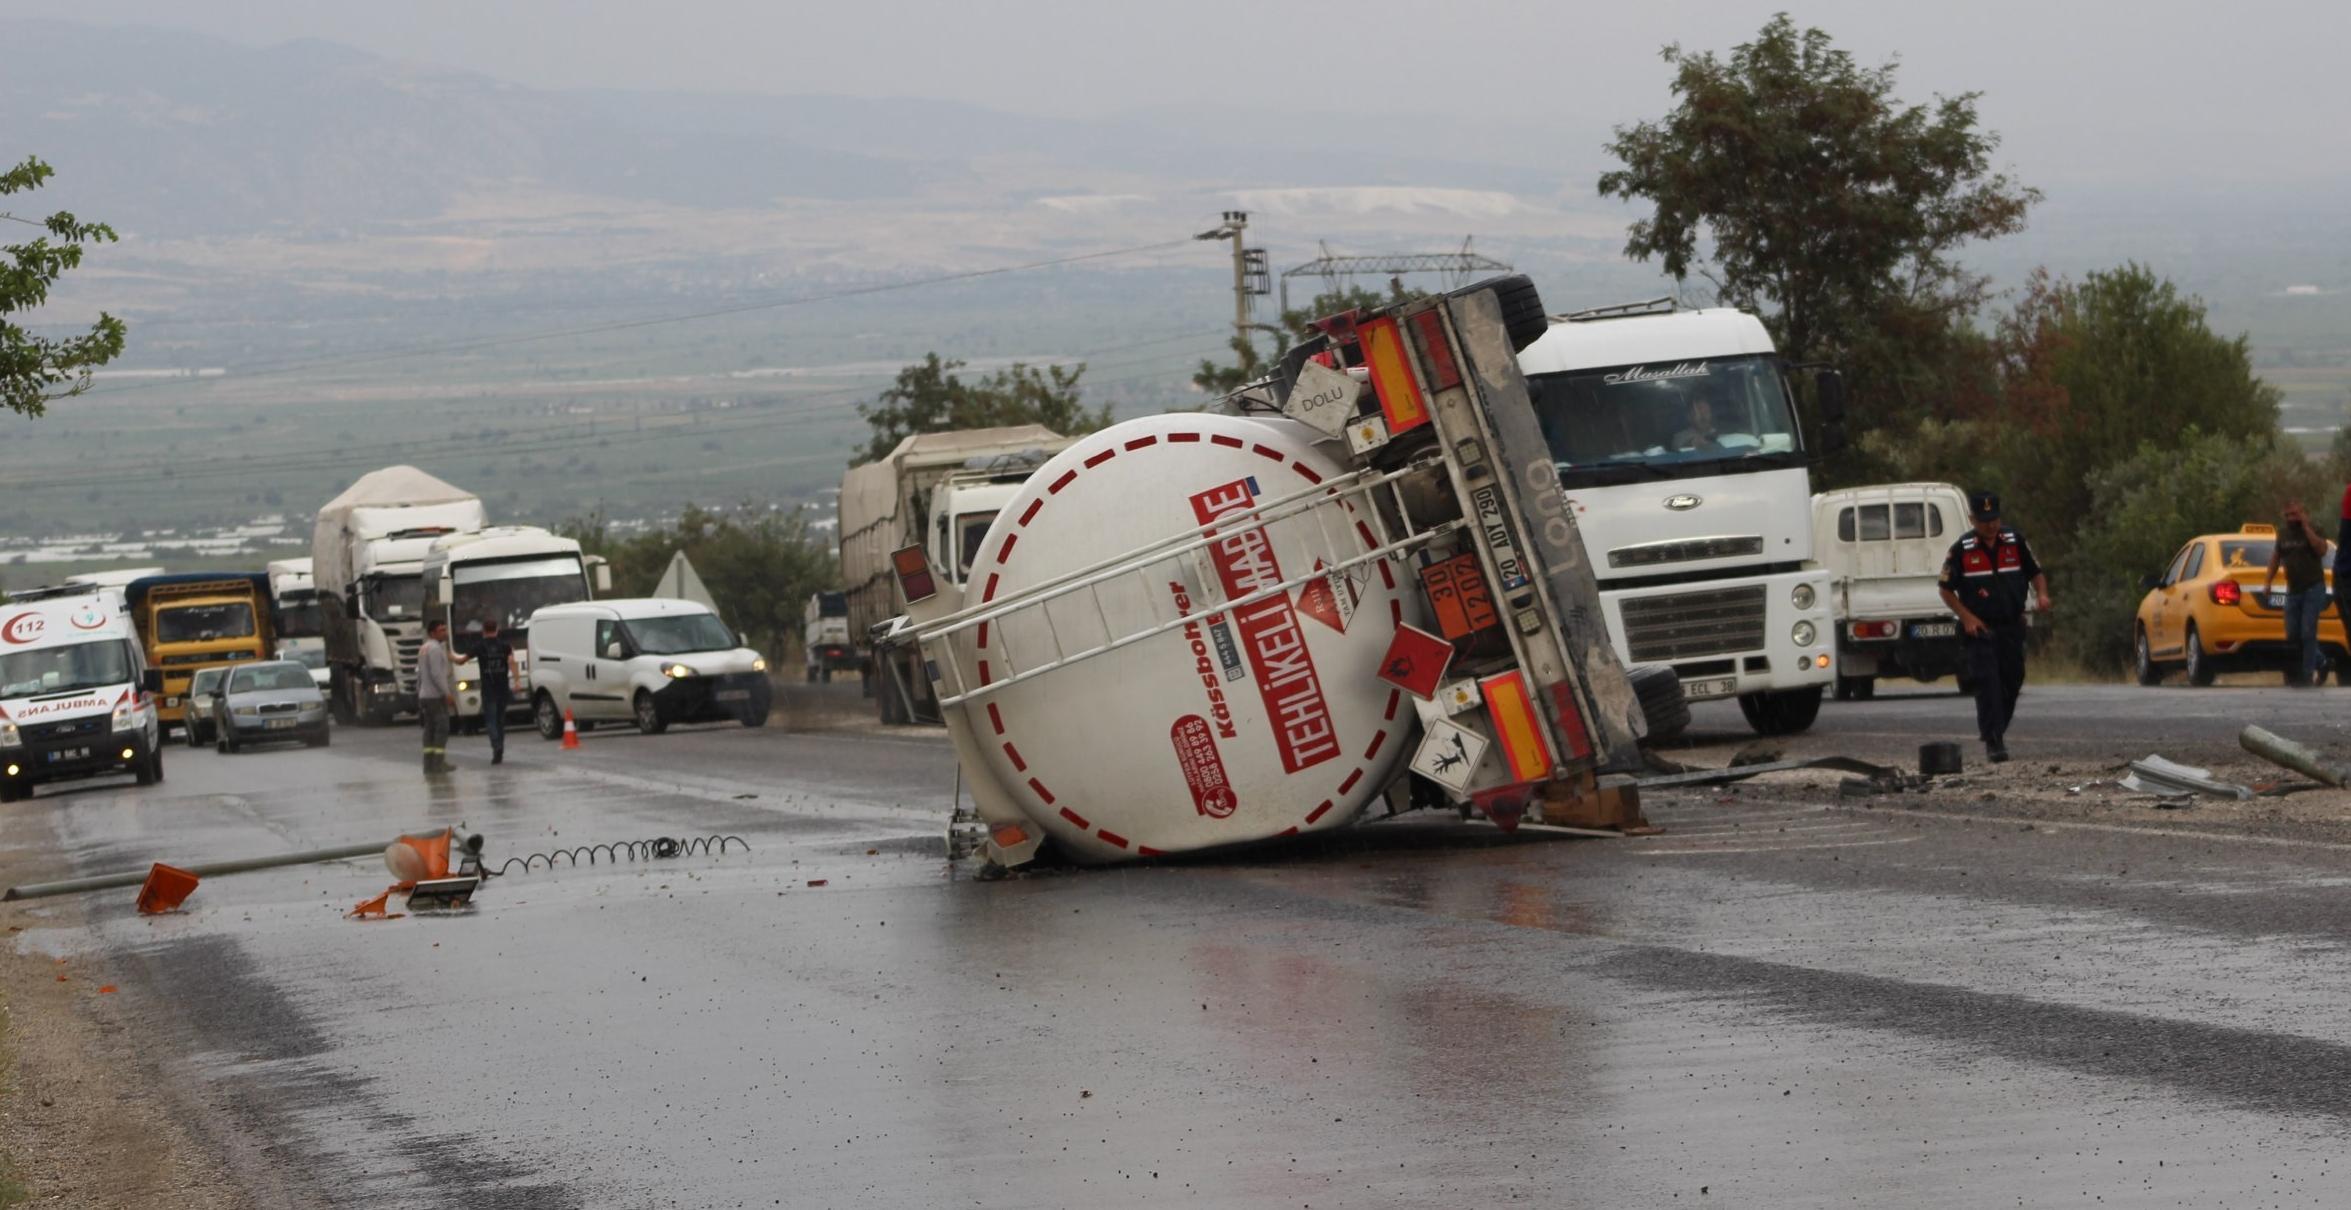 Yağışla birlikte kontrolden çıkan yakıt tankeri devrildi